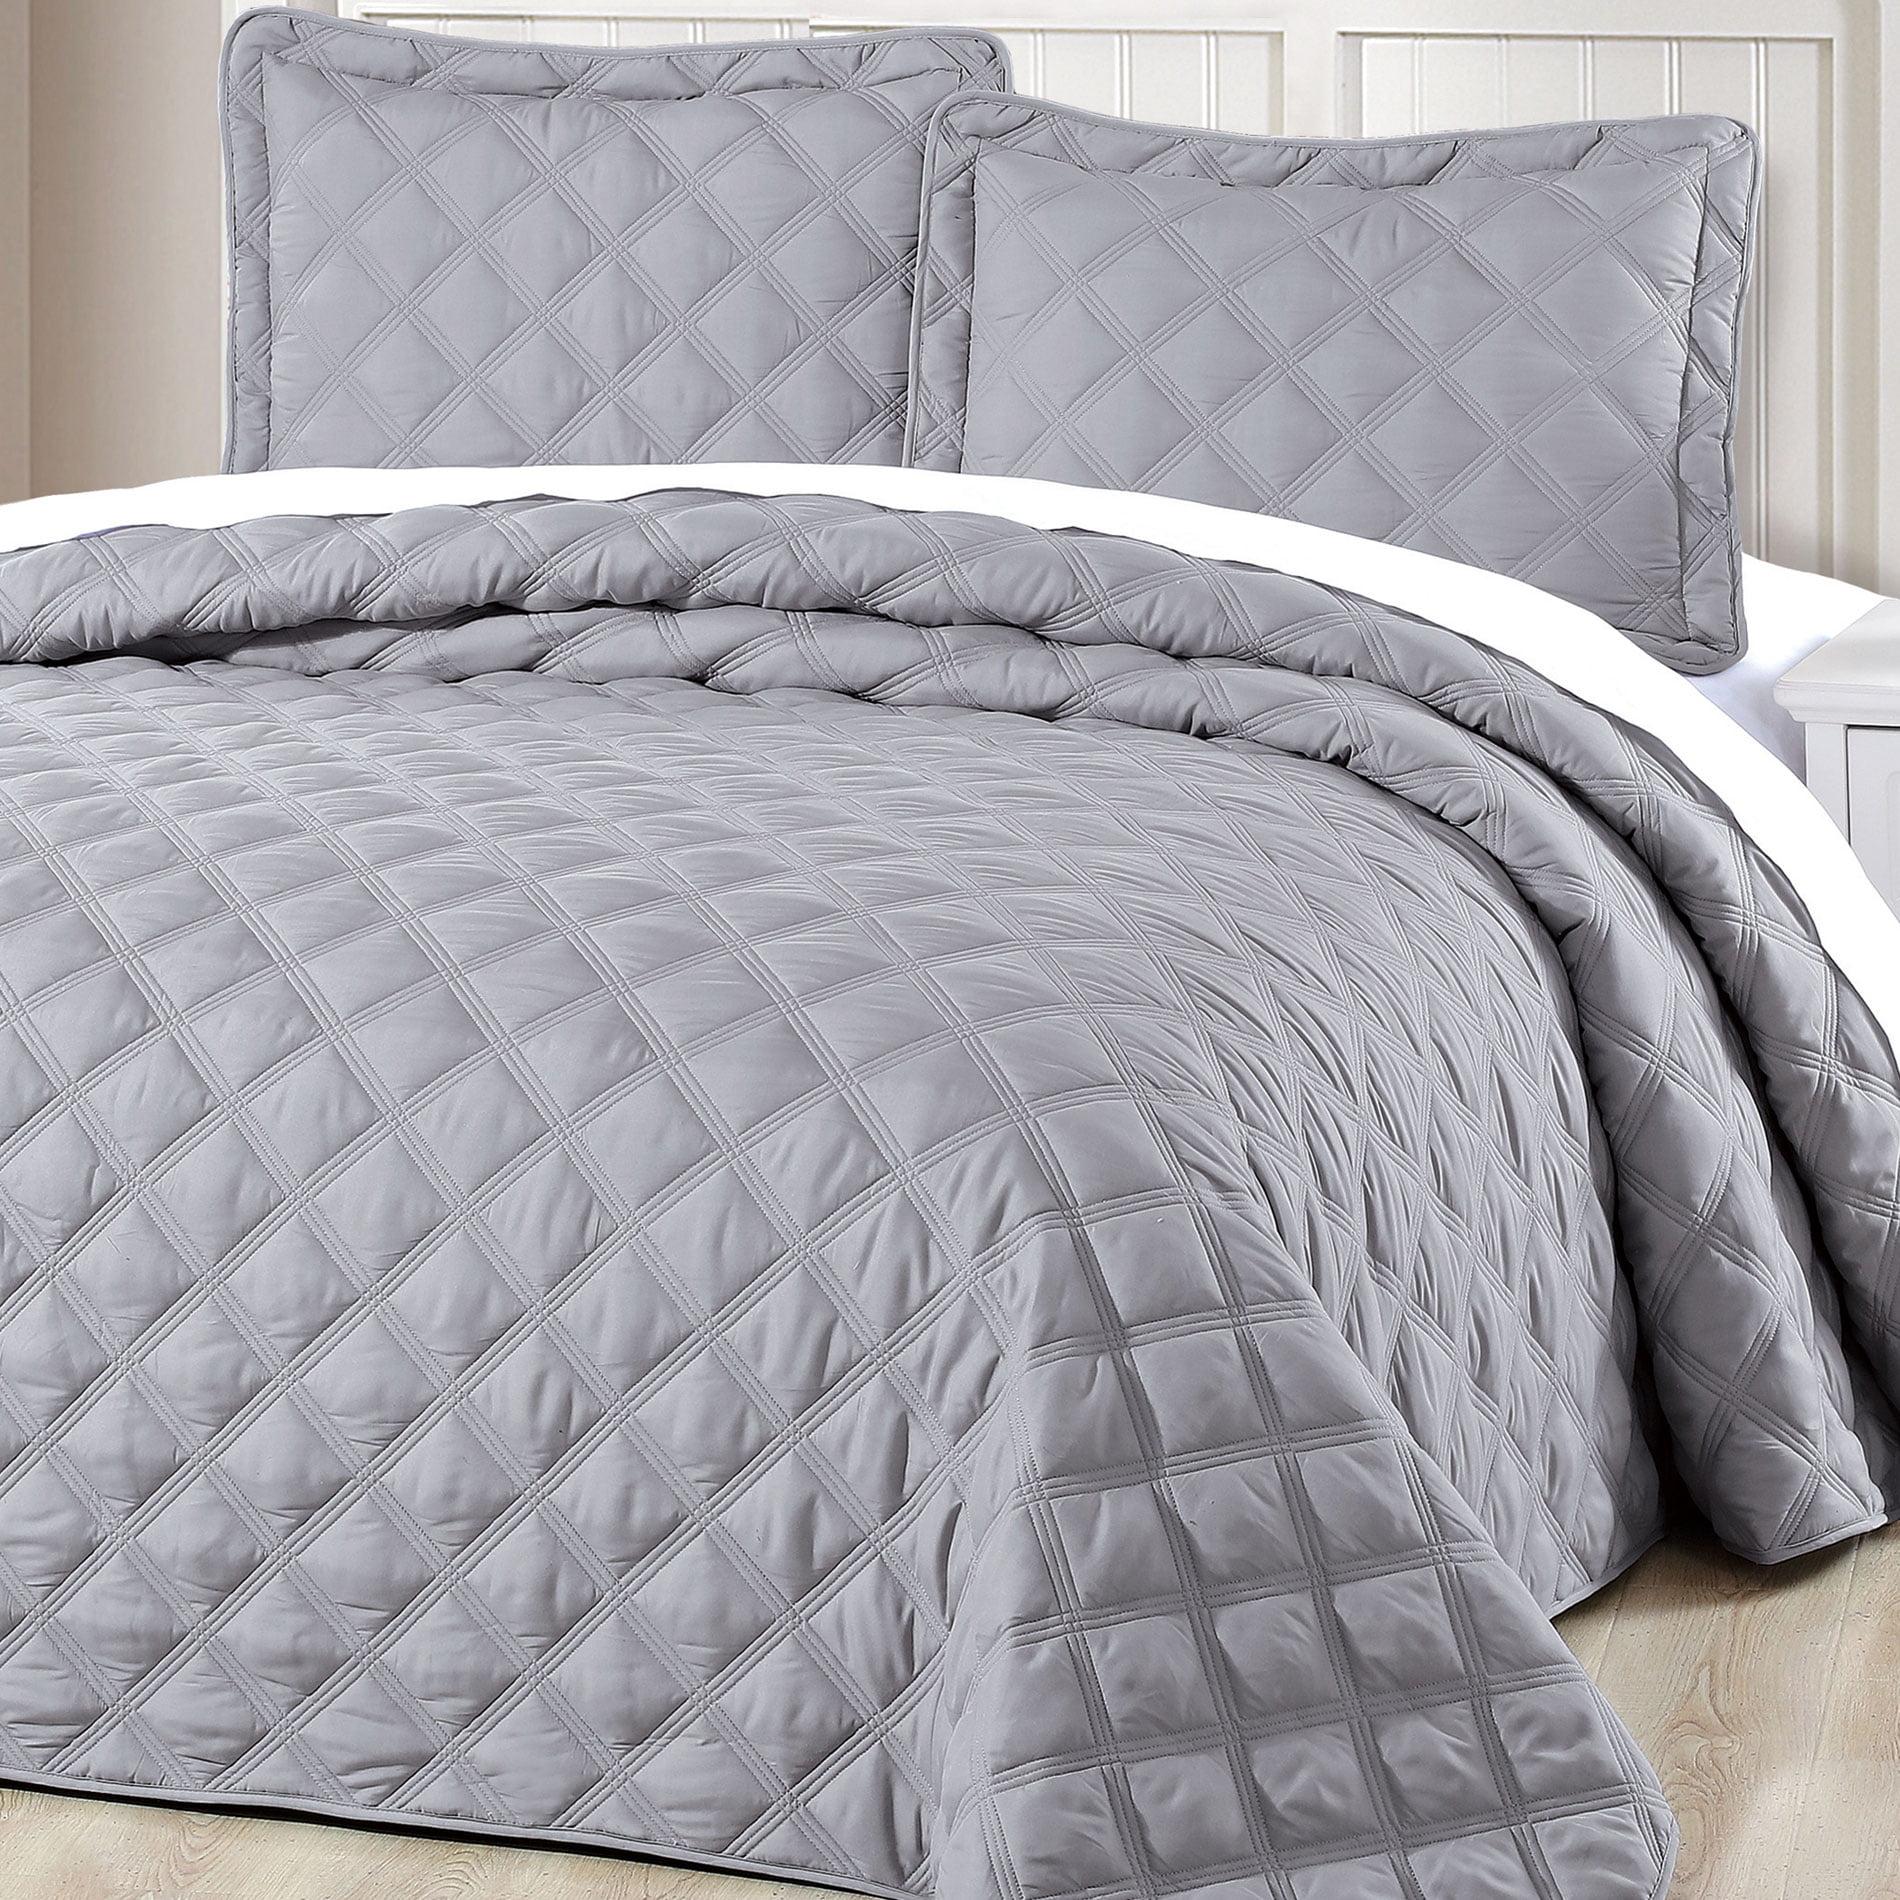 Serenta Charleston Down Alternative Quilted 3 Piece Bedspread Set